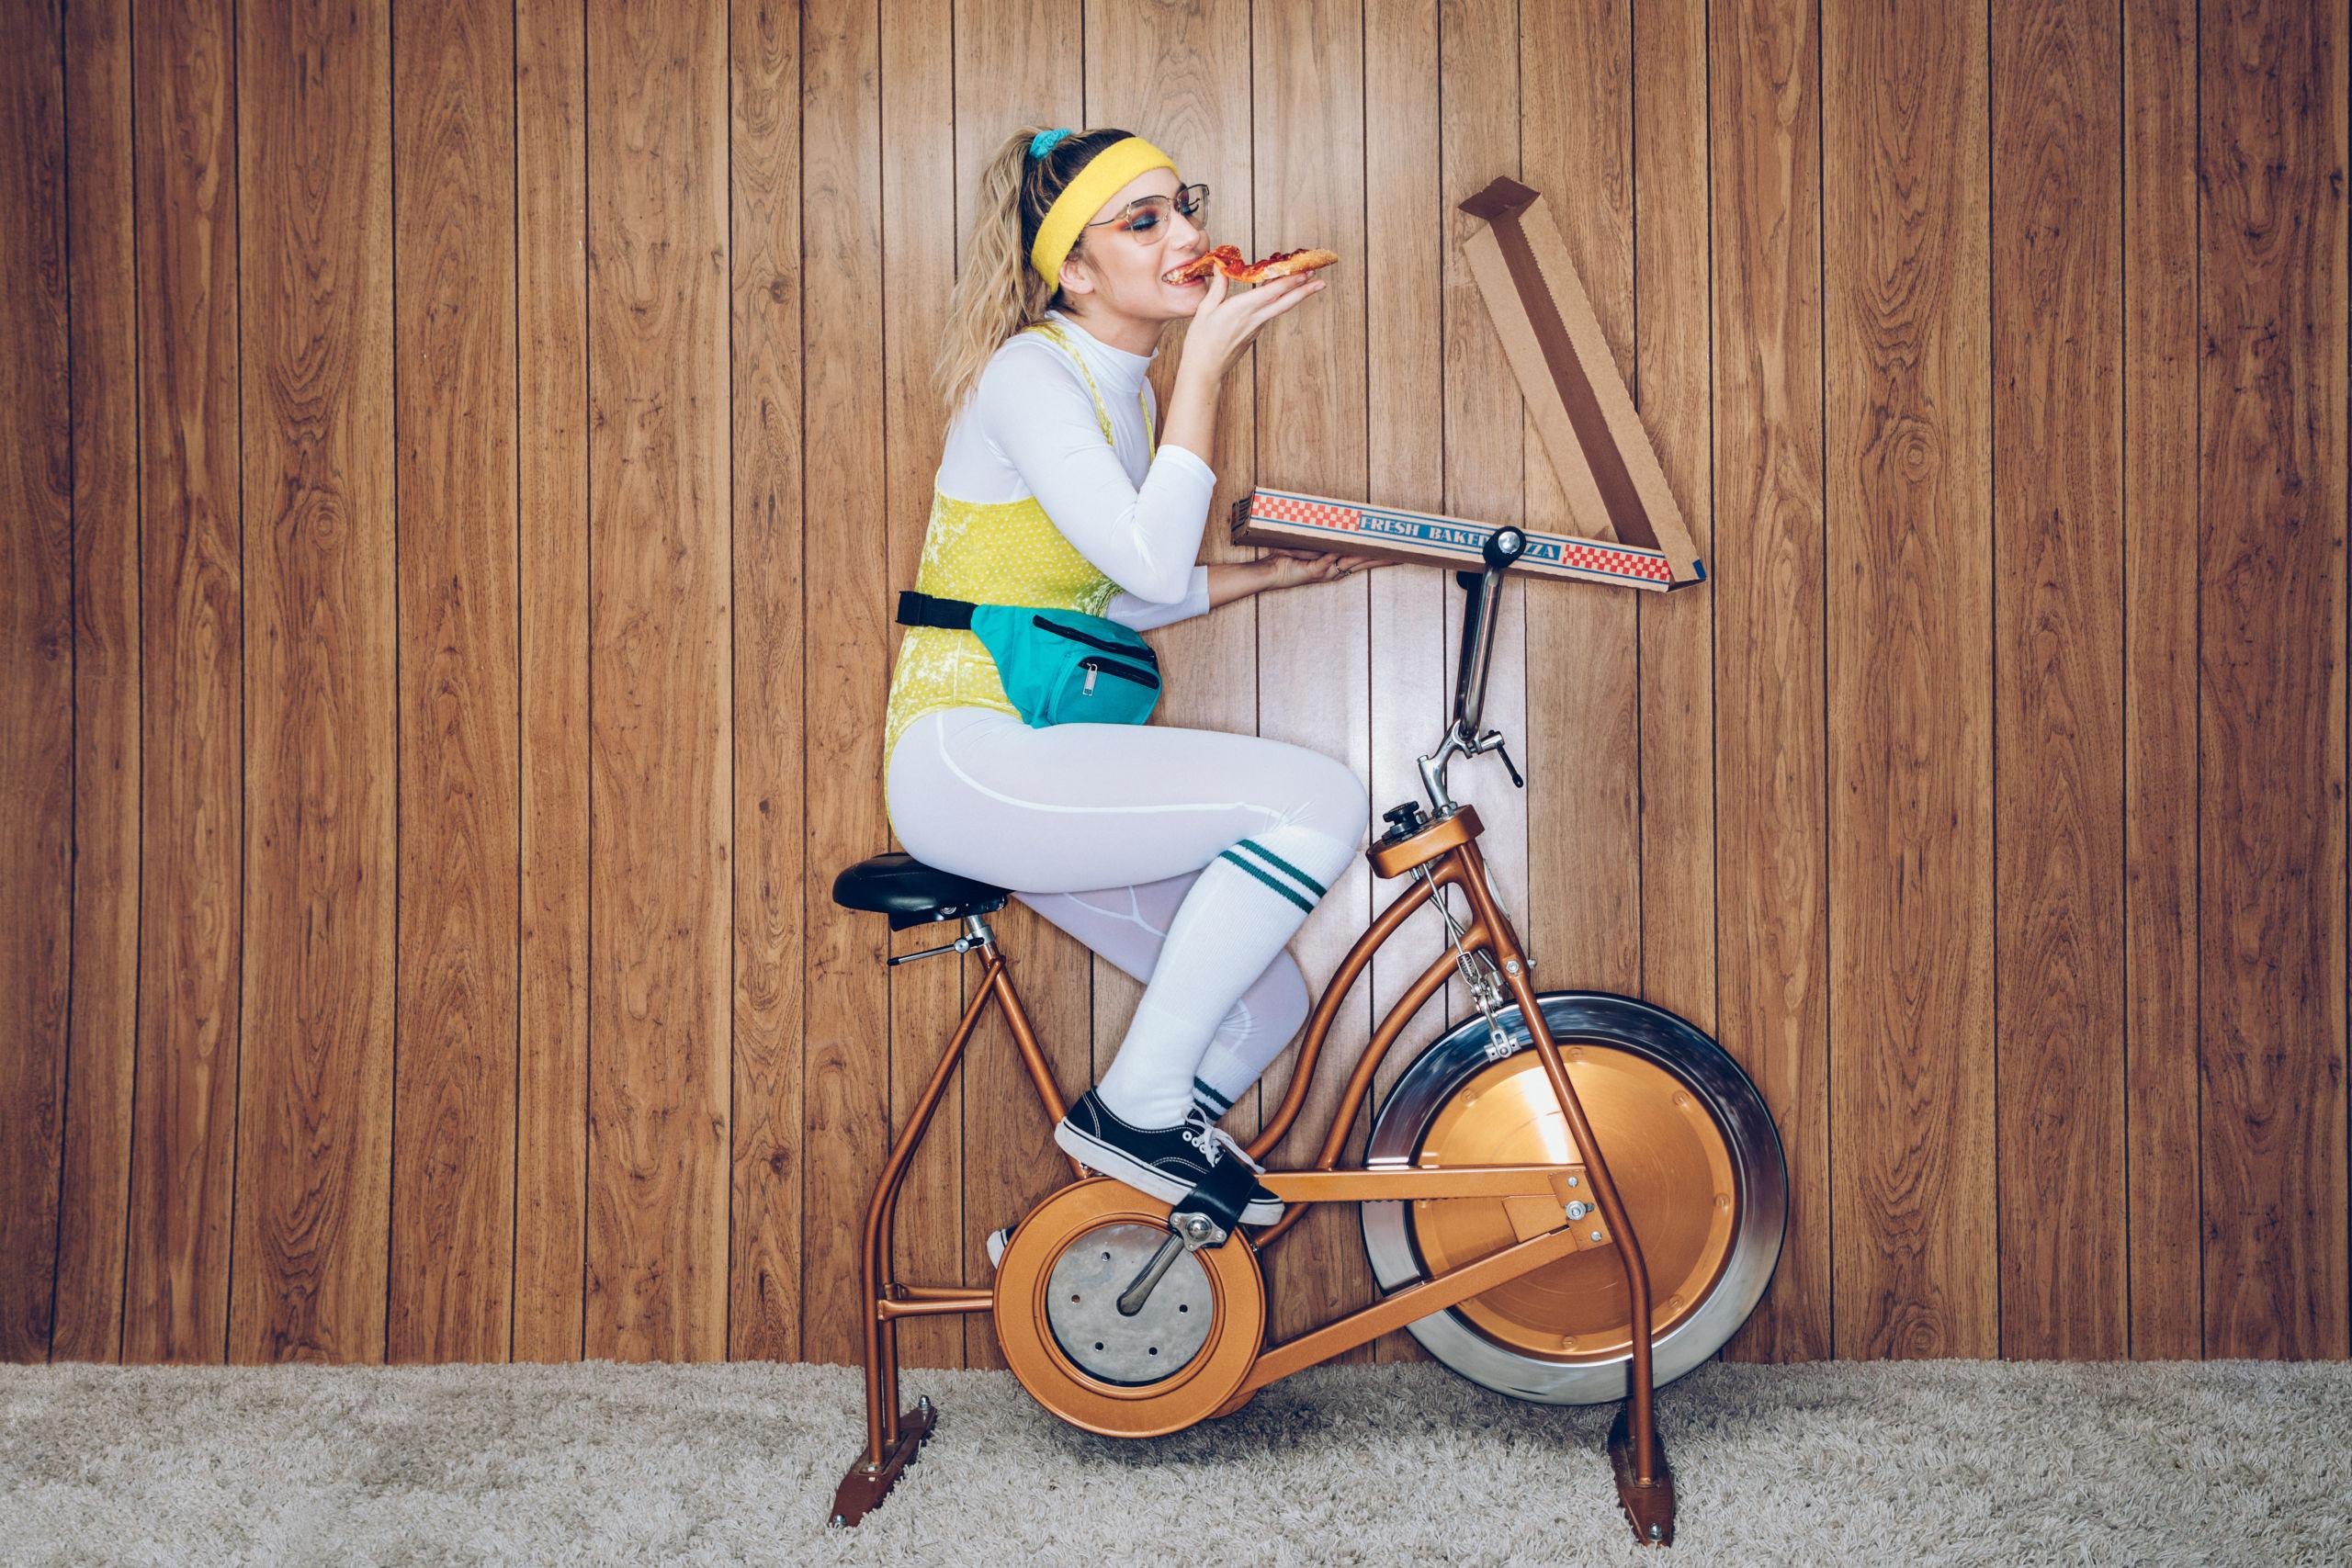 Eine Frau in Trainingskleidung im Stil der 1980er und 1990er Jahre strampelt auf einem stationären Fitnessrad in einem Vintage-Raum mit Zottelteppich und Holzvertäfelung an den Wänden. Sie trägt einen Trikotanzug und eine Gürteltasche und isst aus einem großen Pizzakarton.